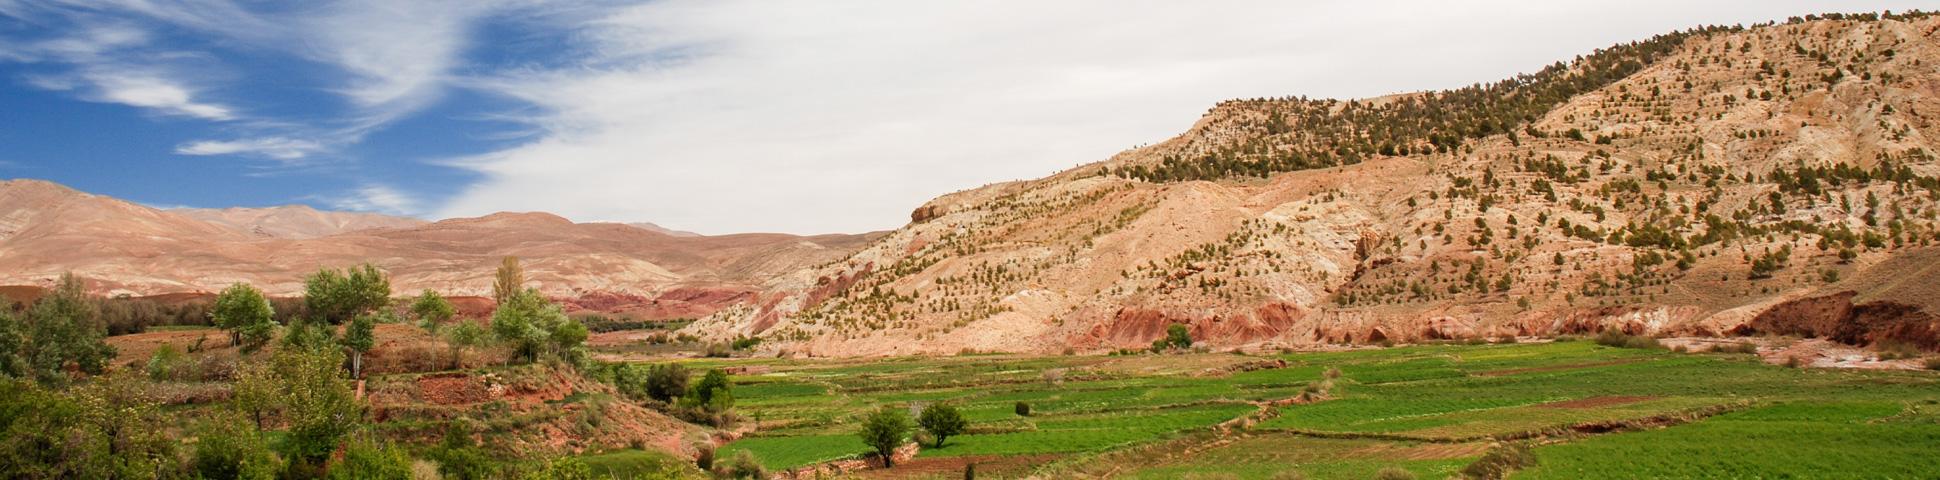 Villages, Valleys, and Toubkal Trek